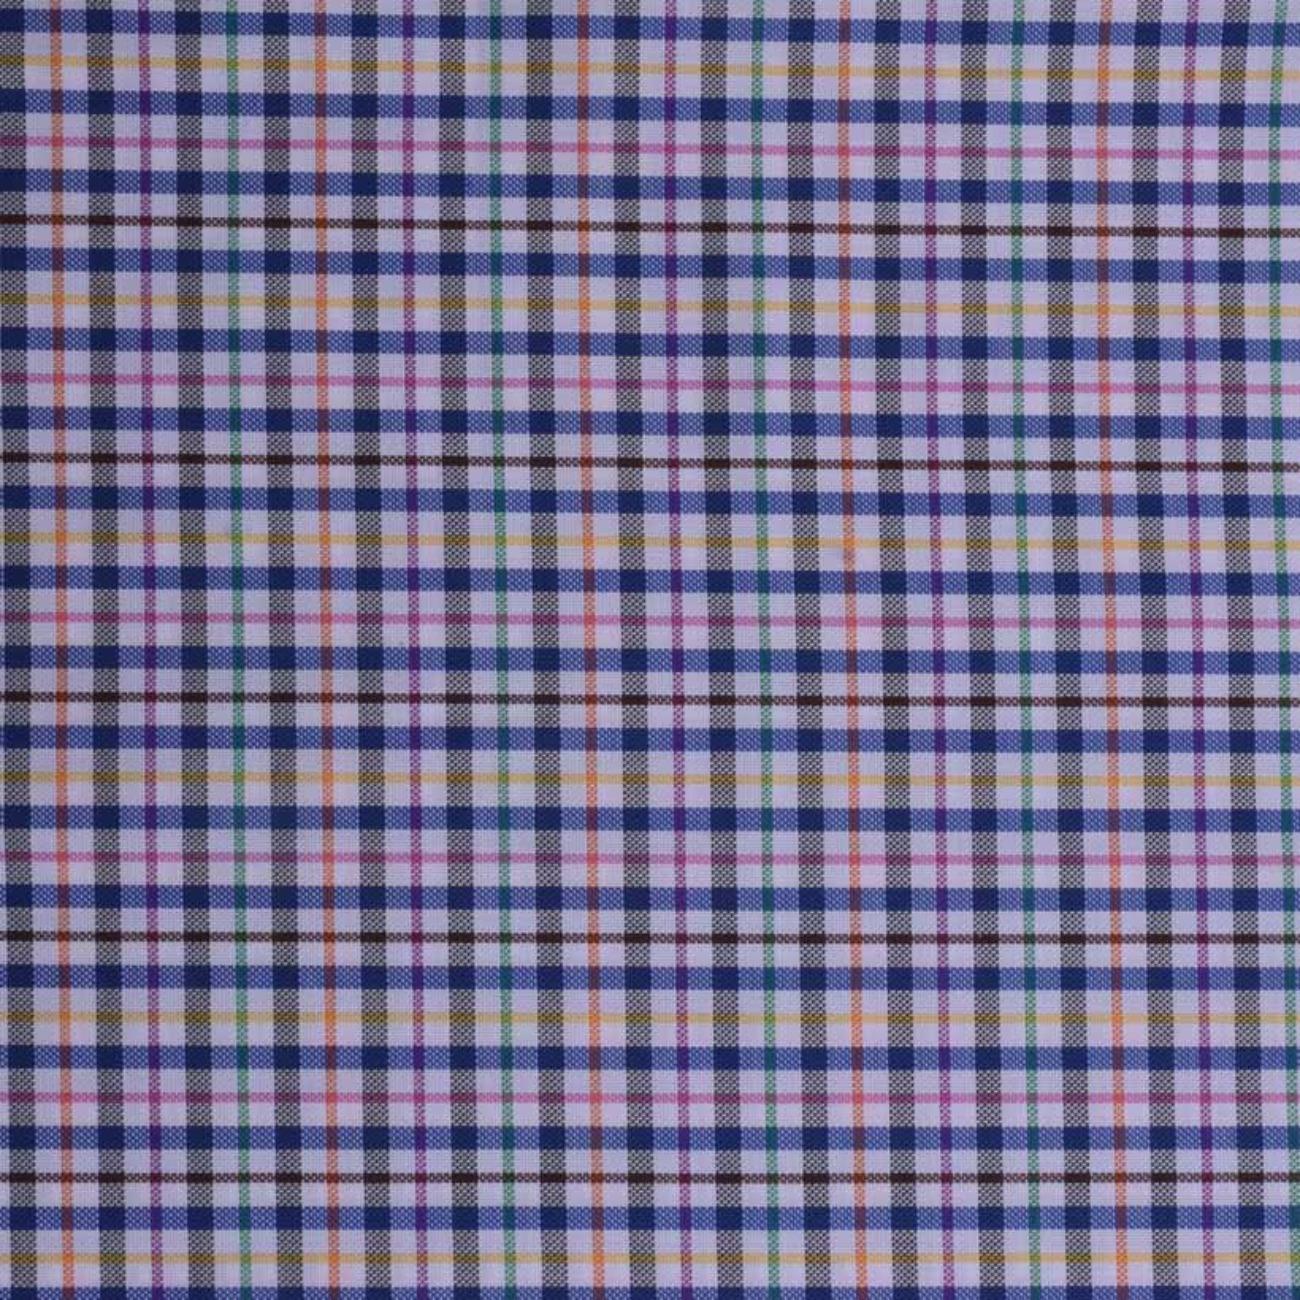 现货格子梭织色织提花低弹休闲时尚风格 衬衫 连衣裙 短裙 棉感 60929-52